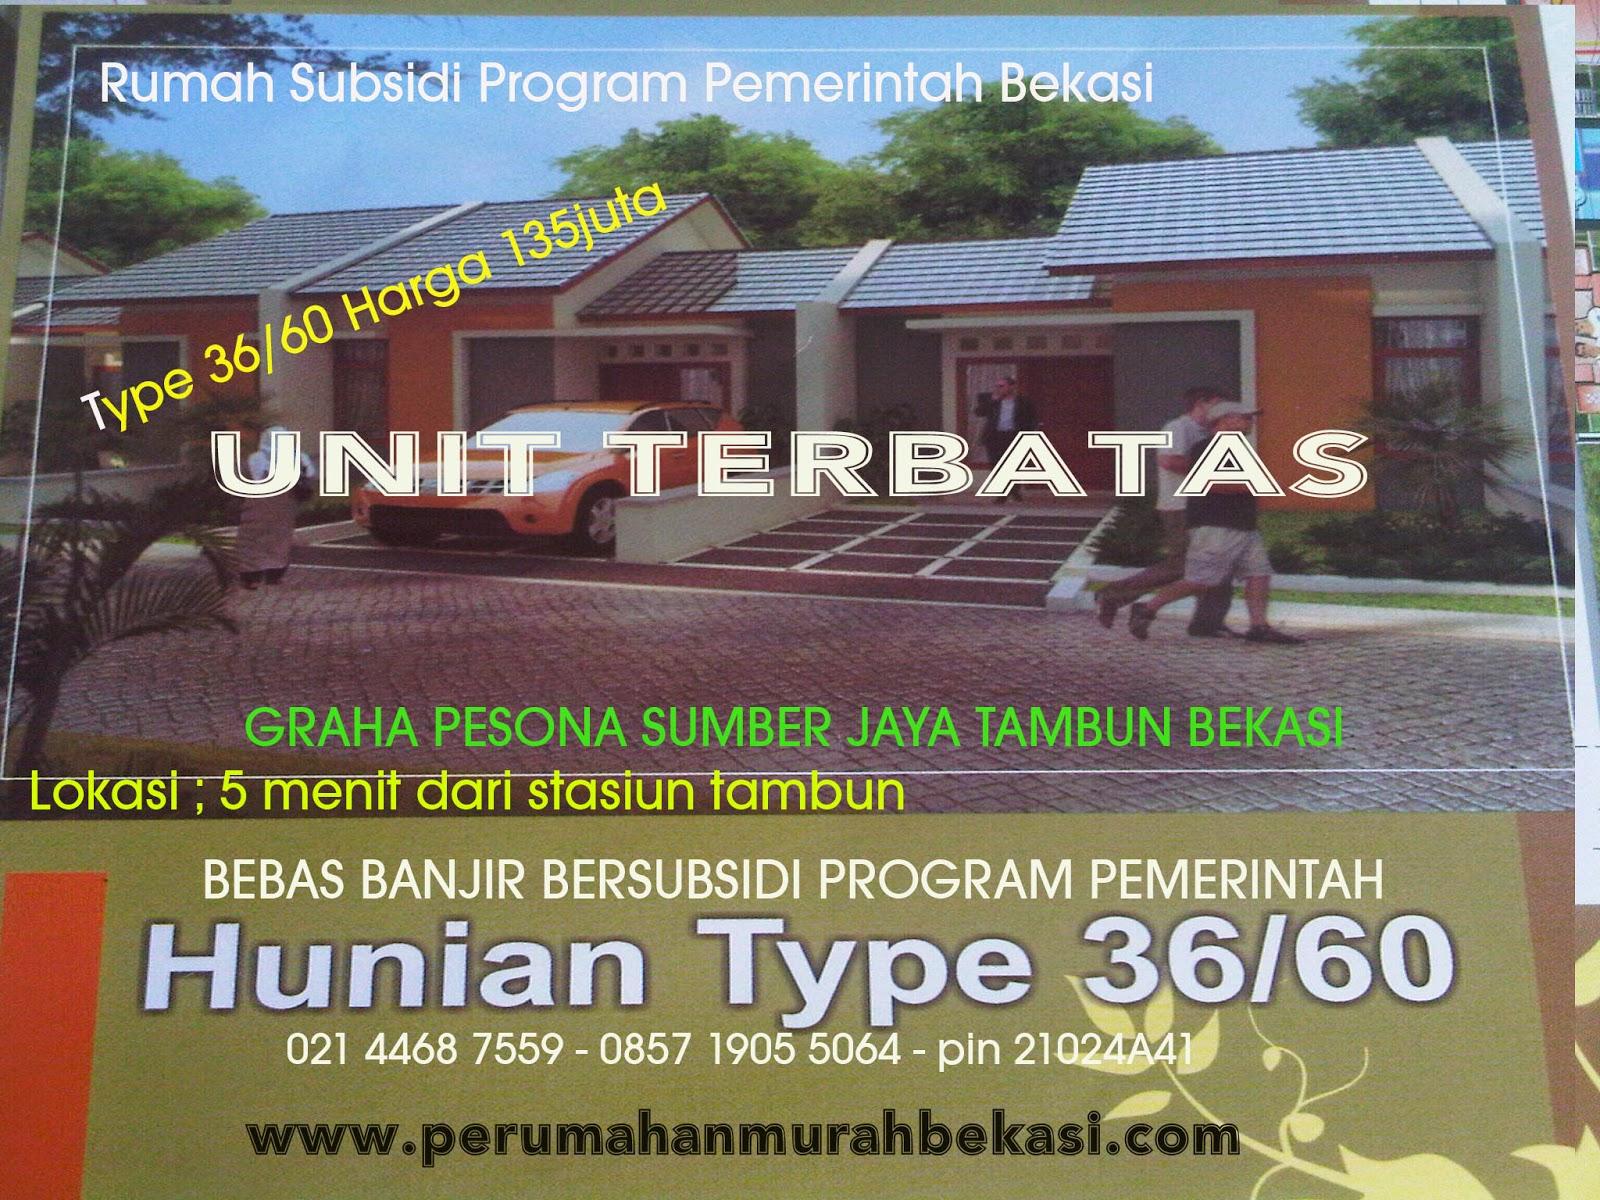 Image Result For Program Pemerintah Jual Rumah Subsidi Bekasi